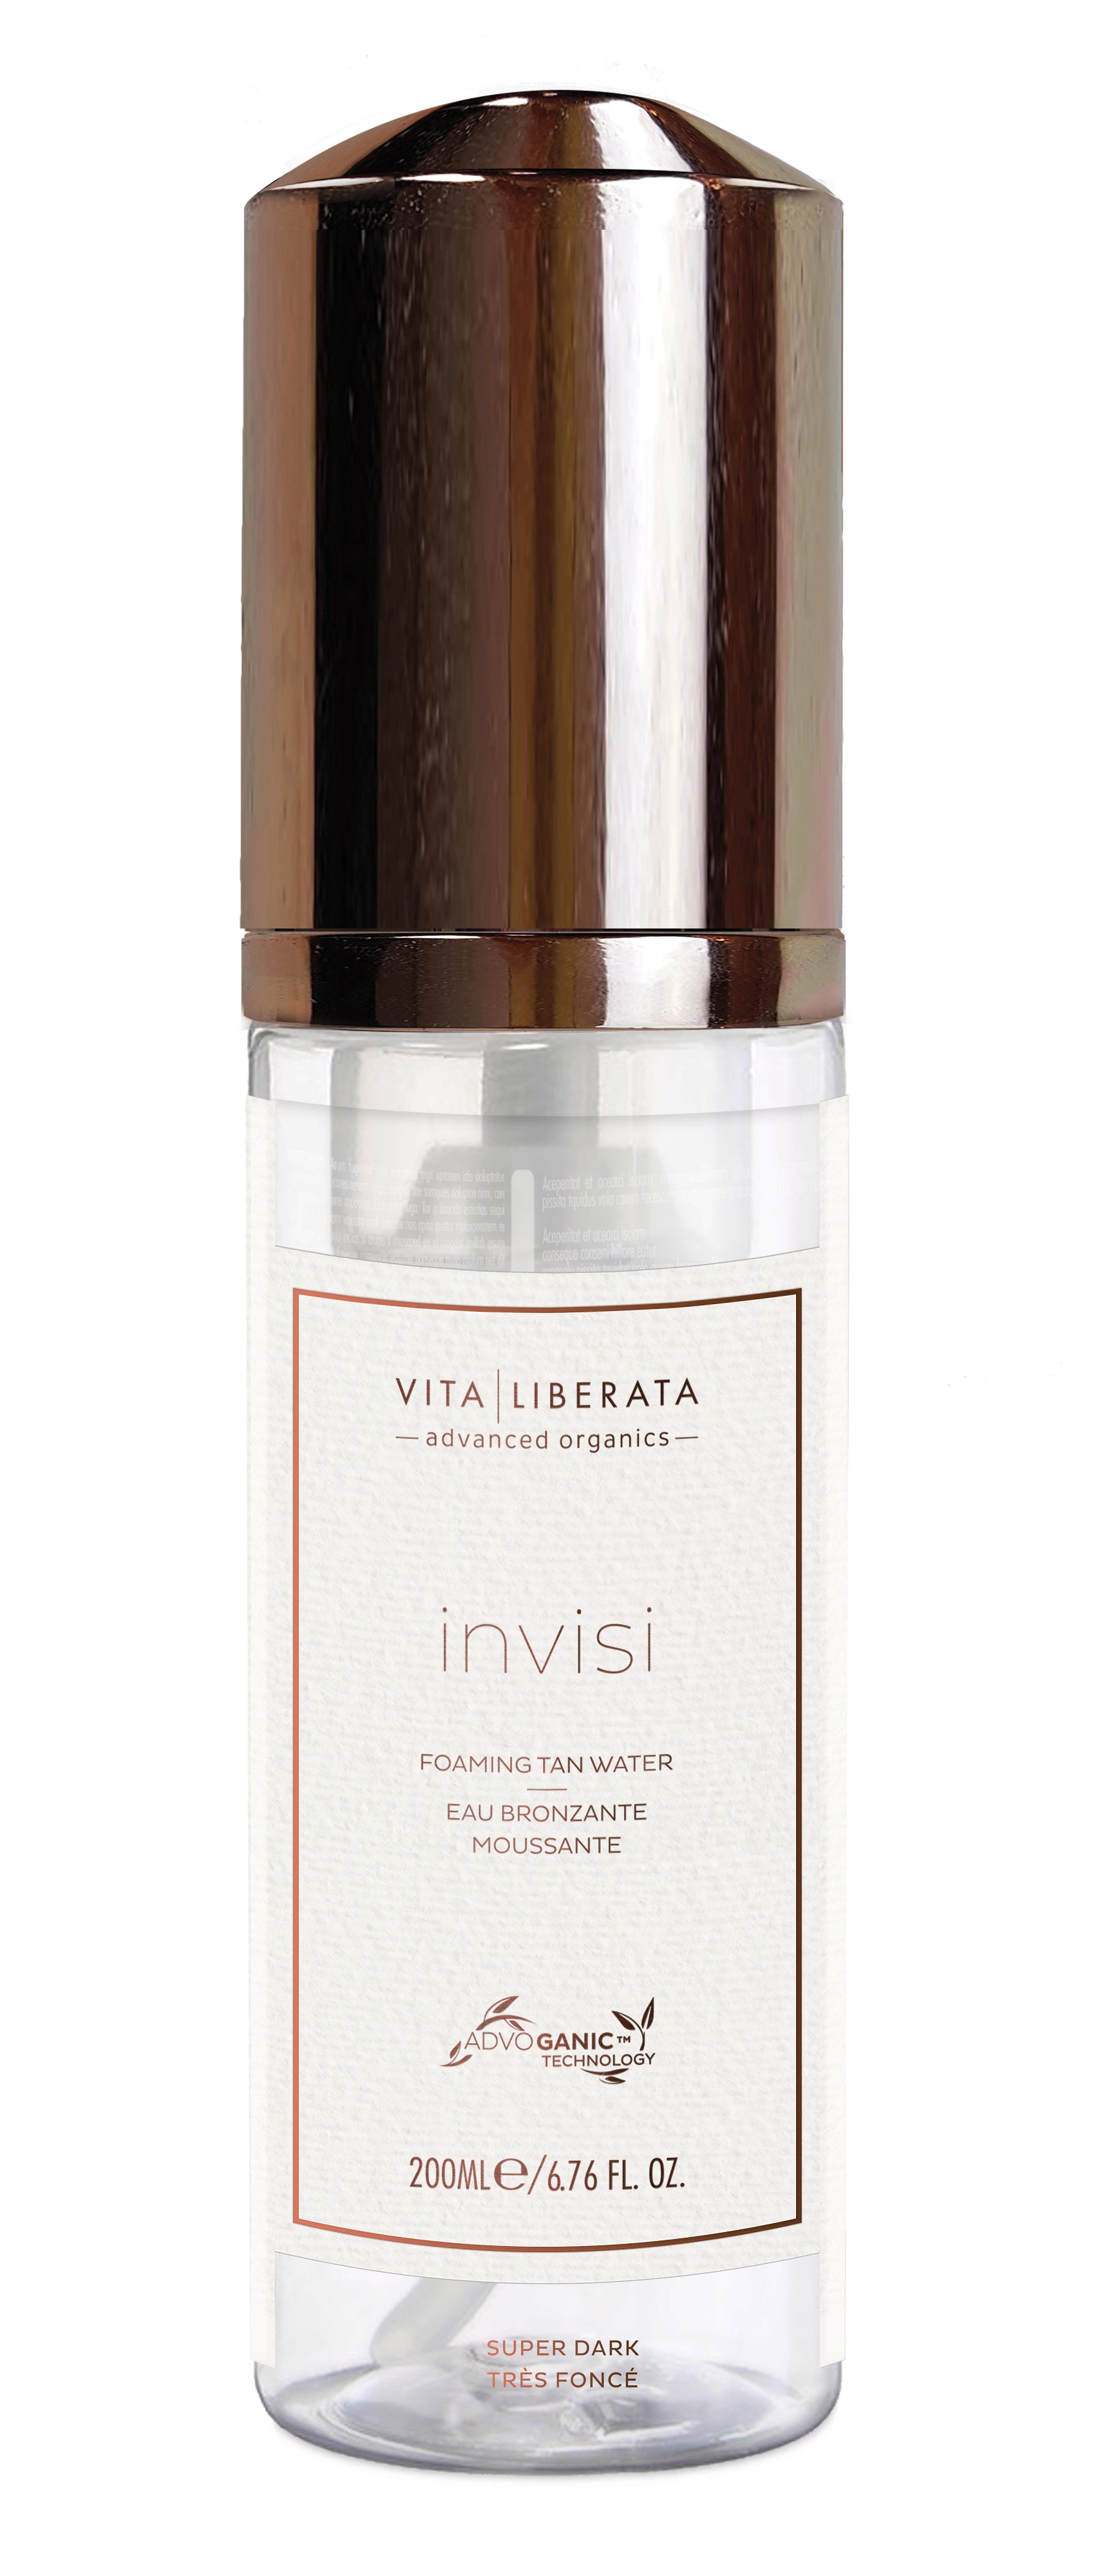 Invisi Foaming Tan Water Vita Liberata Invisi Fo 200ml